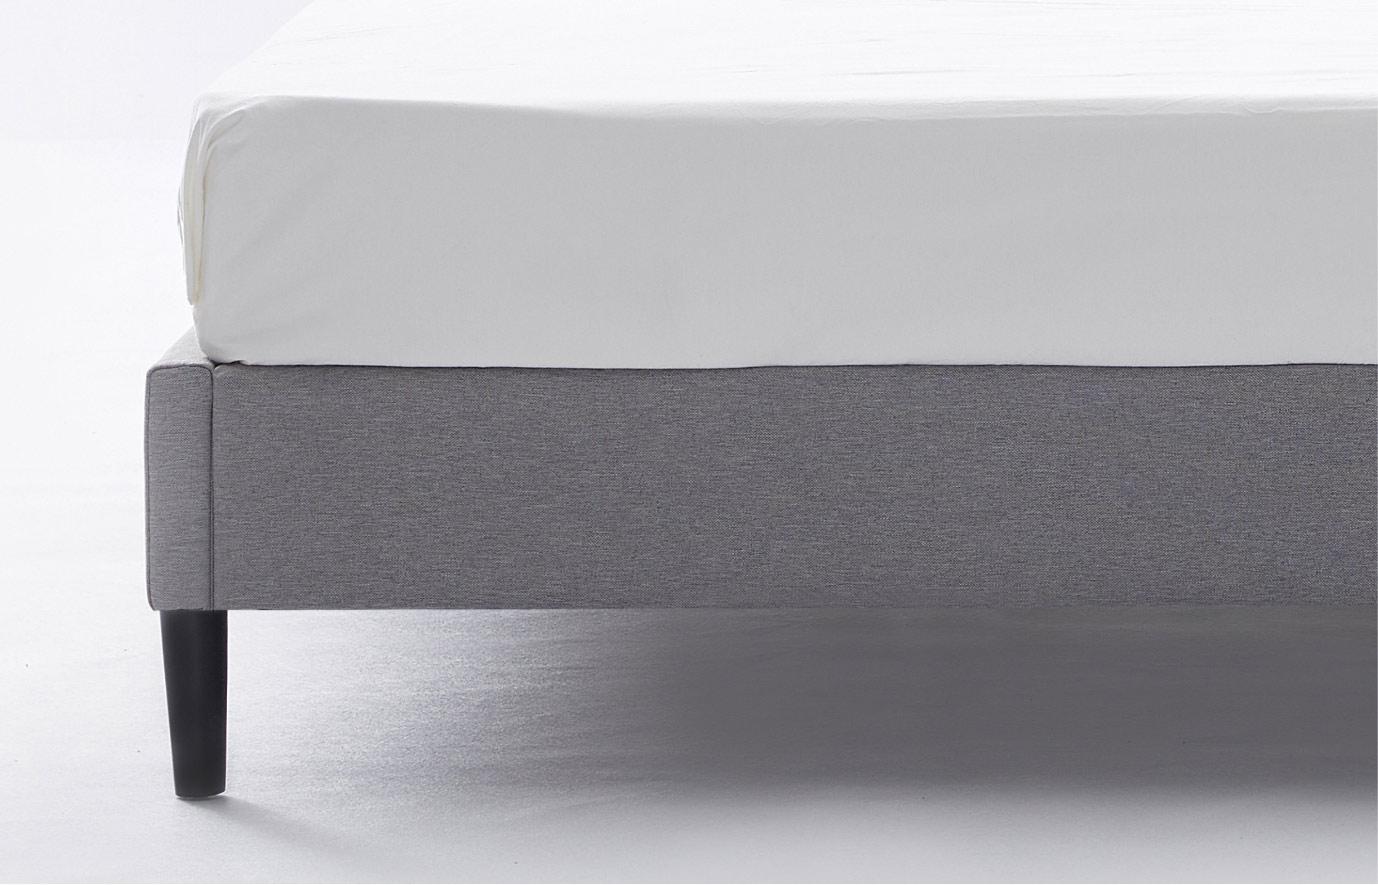 Platform Bed Image 6